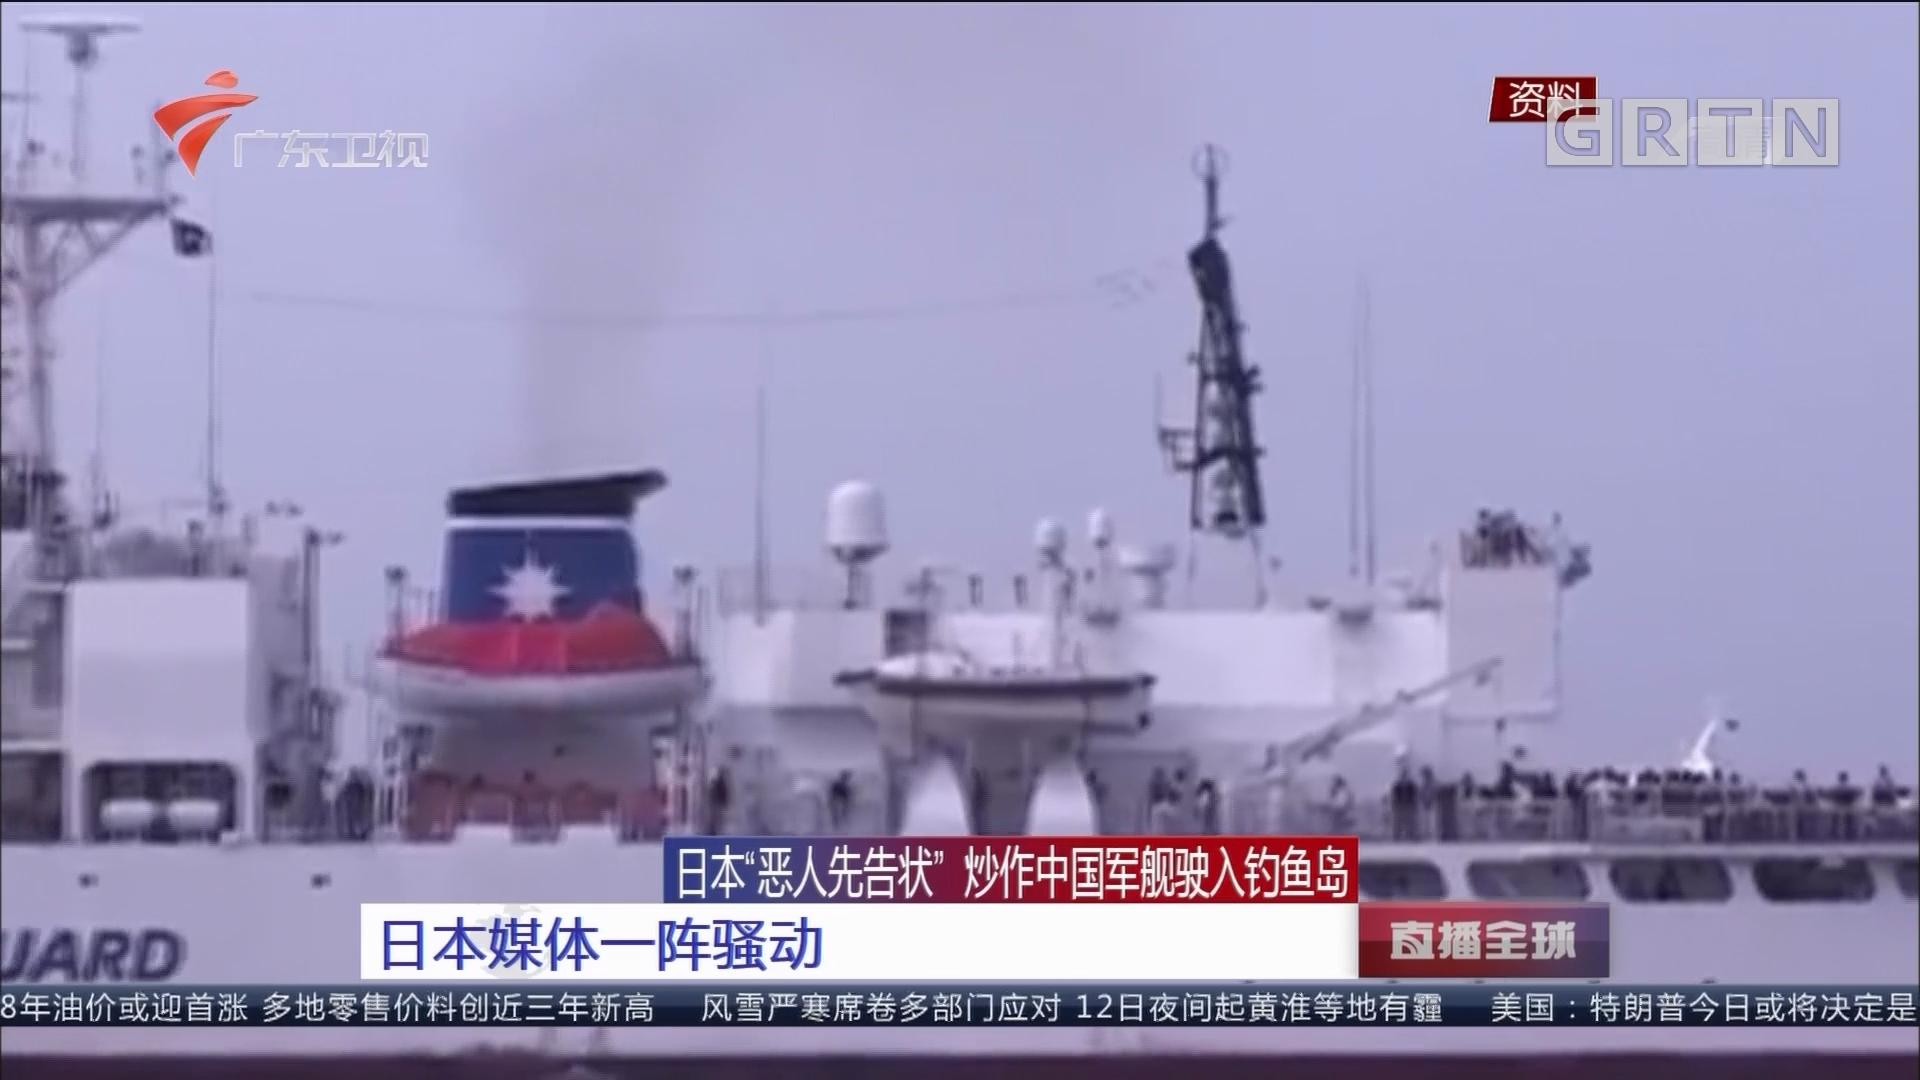 """日本""""恶人先告状""""炒作中国军舰驶入钓鱼岛:日本媒体一阵骚动"""